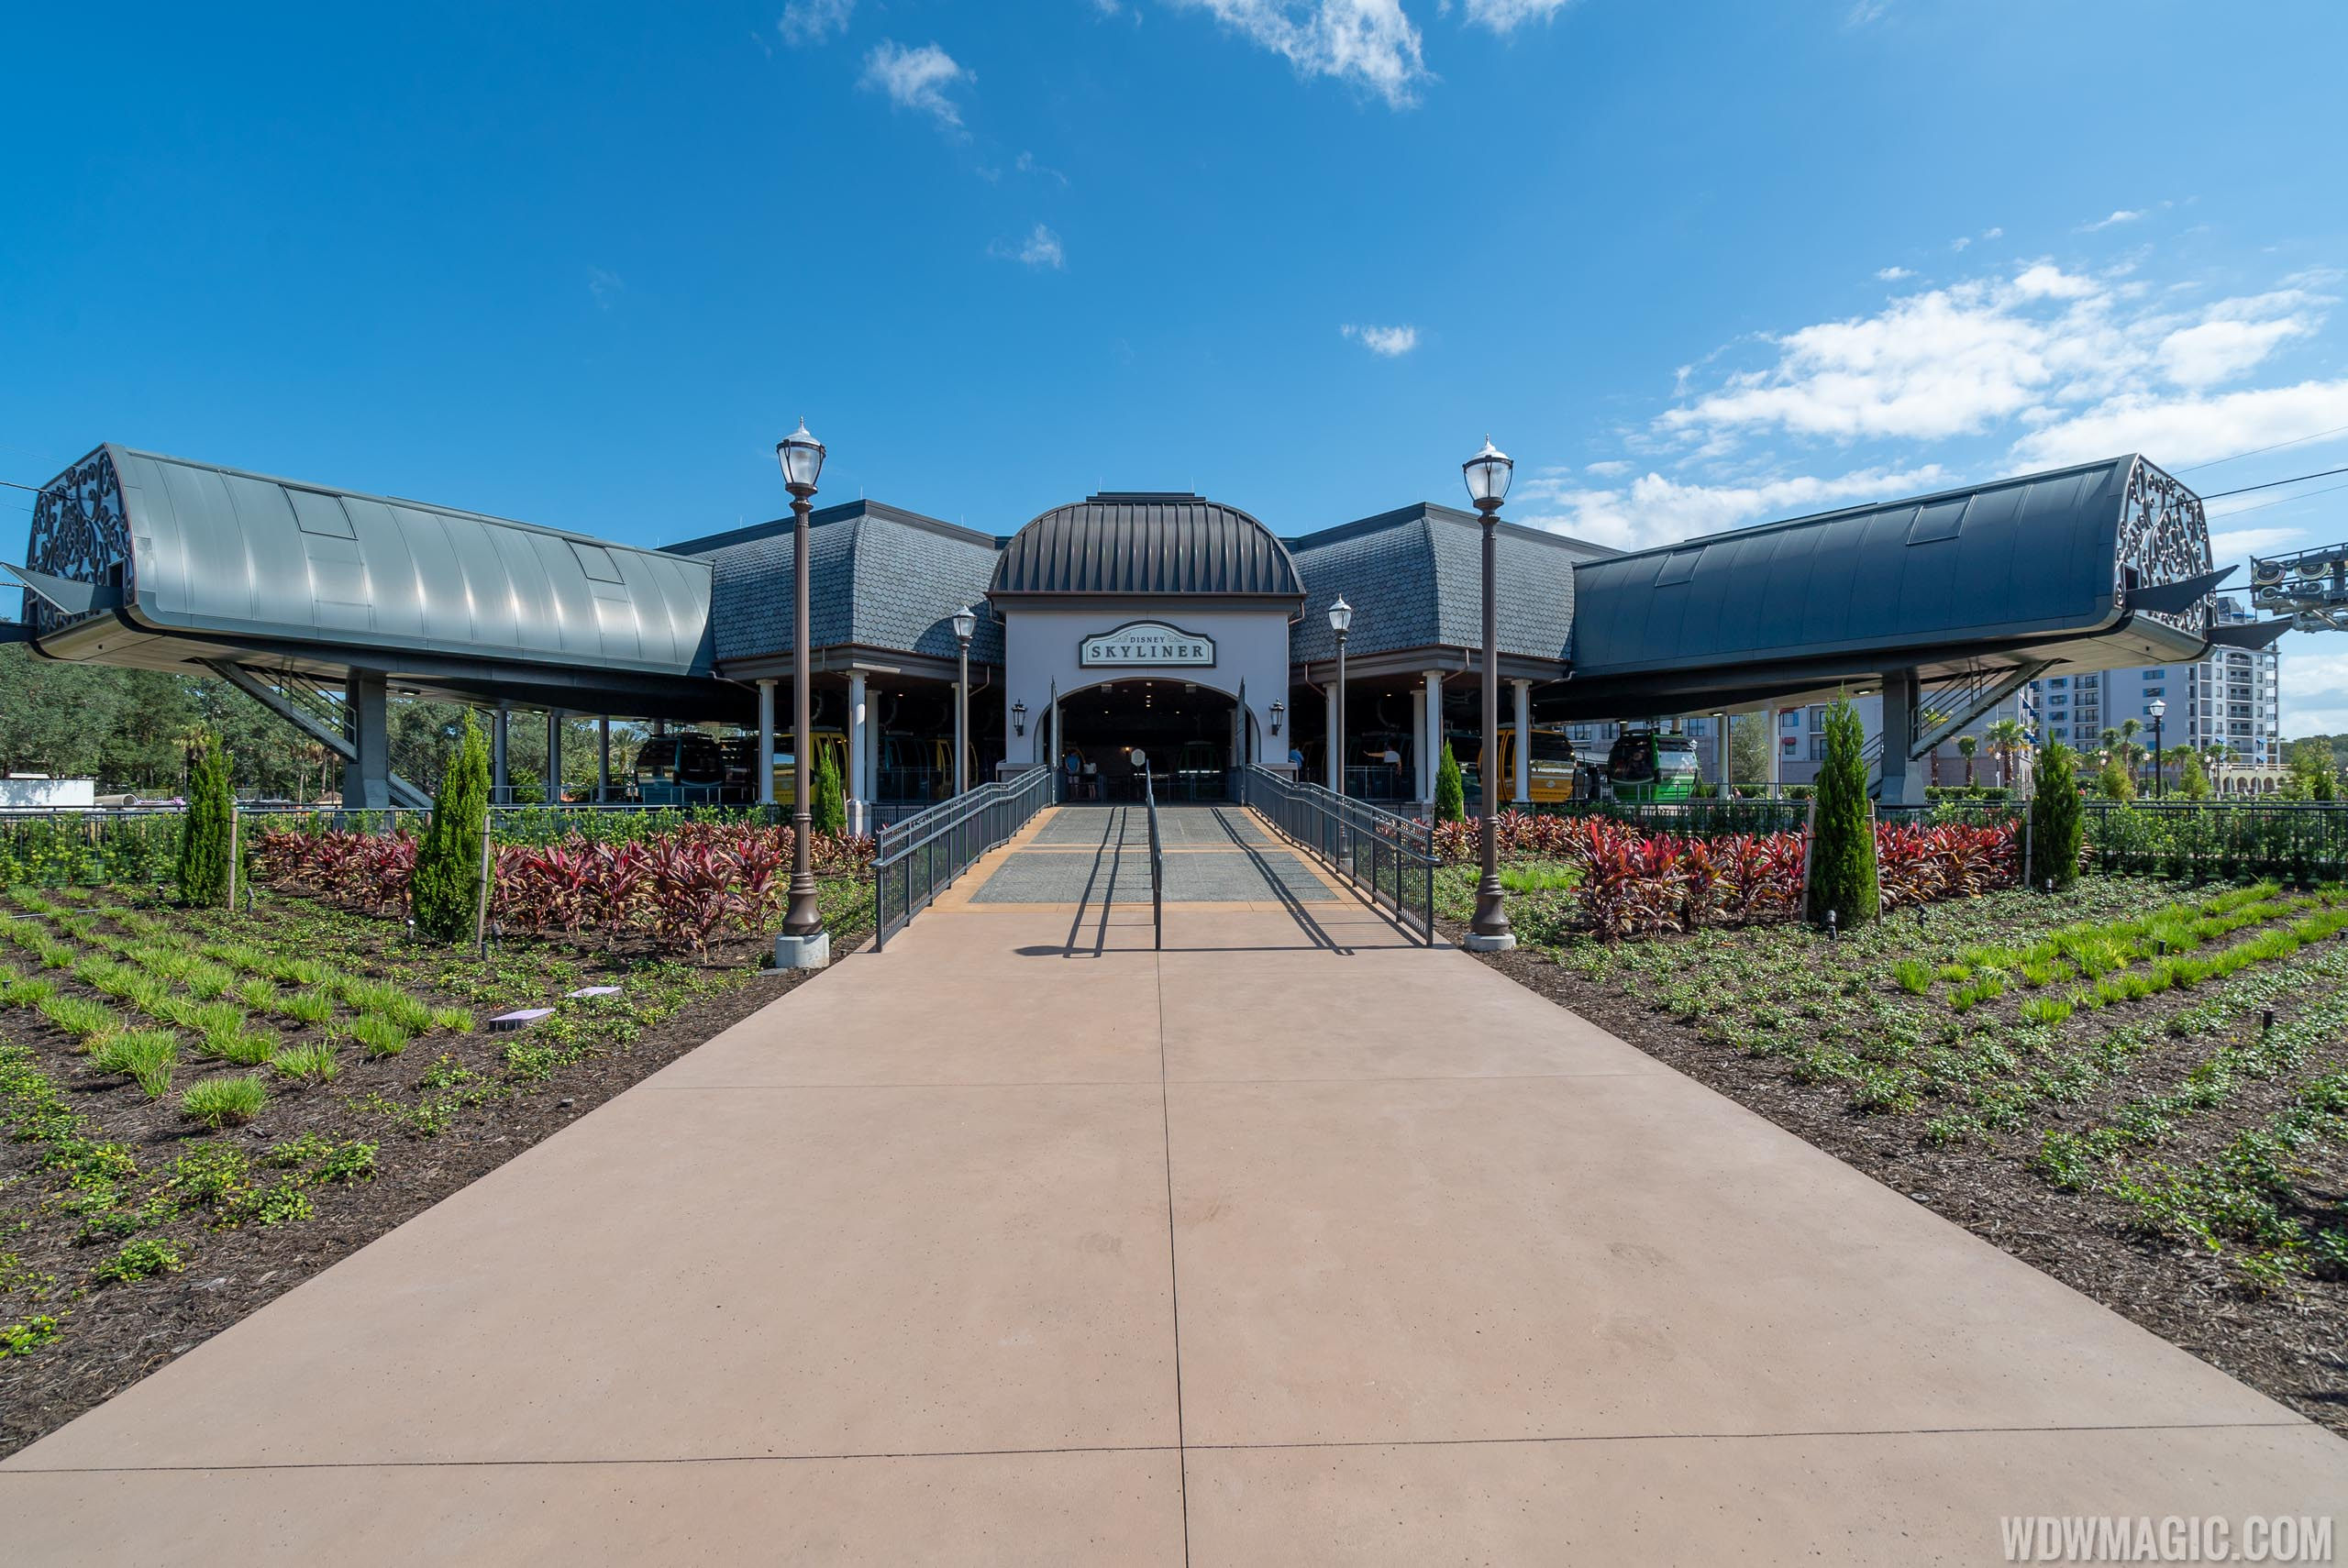 Disney Skyliner - Riviera Resort station